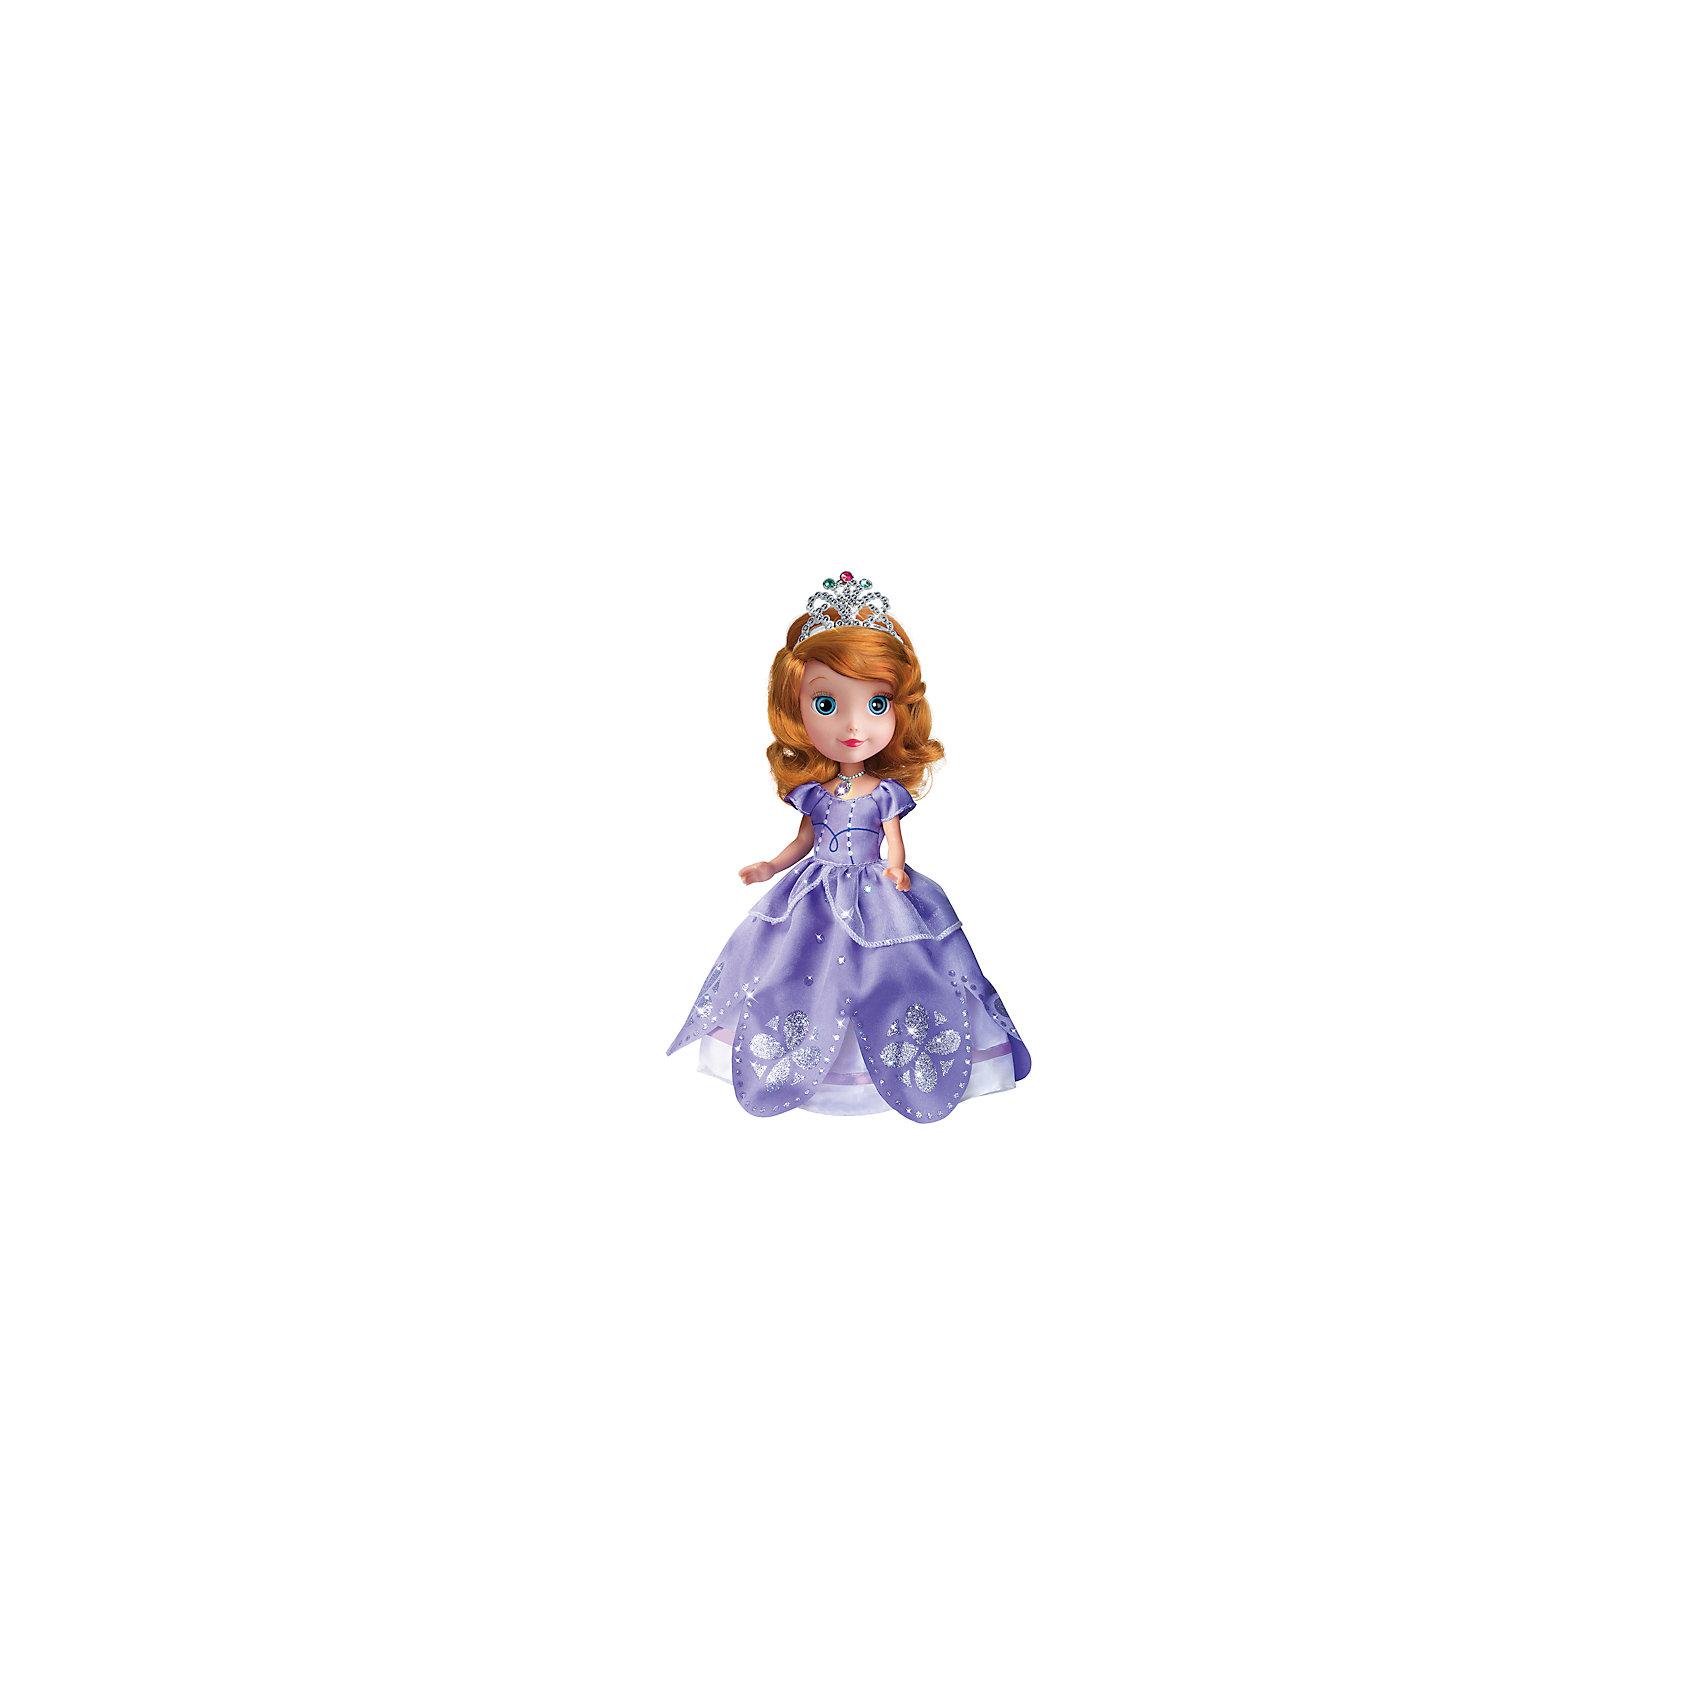 Кукла София Прекрасная, 25 см, КарапузИгрушки<br>Очаровательная София не оставит равнодушной ни одну девочку! Куколка очень похожа на героиню мультфильма Disney. У нее такие же роскошные рыжие волосы, из которых получится множество прекрасных причесок. Одета София в красивое сиреневое платье с пышной юбкой. Голову венчает блестящая корона. Если нажать на медальон куколки, она начнет рассказывать стихи или же споет песню. Сам медальон будет светиться, сделав принцессу еще прекраснее.<br>Отличный подарок для всех поклонниц Disney Princess (Принцессы Диснея)!<br><br>Дополнительная информация:<br><br>- Материал: пластик, текстиль.<br>- Комплектация: кукла, расческа.<br>- Размер куклы: 25 см.<br>- Световые, звуковые эффекты.<br>- Элемент питания: 3 батарейки LR41 (в комплекте).<br>- Голова, руки, ноги куклы подвижные.    <br><br>Куклу Софию Прекрасную, 25 см, Карапуз, можно купить в нашем магазине.<br><br>Ширина мм: 300<br>Глубина мм: 60<br>Высота мм: 300<br>Вес г: 350<br>Возраст от месяцев: 36<br>Возраст до месяцев: 84<br>Пол: Женский<br>Возраст: Детский<br>SKU: 4408251